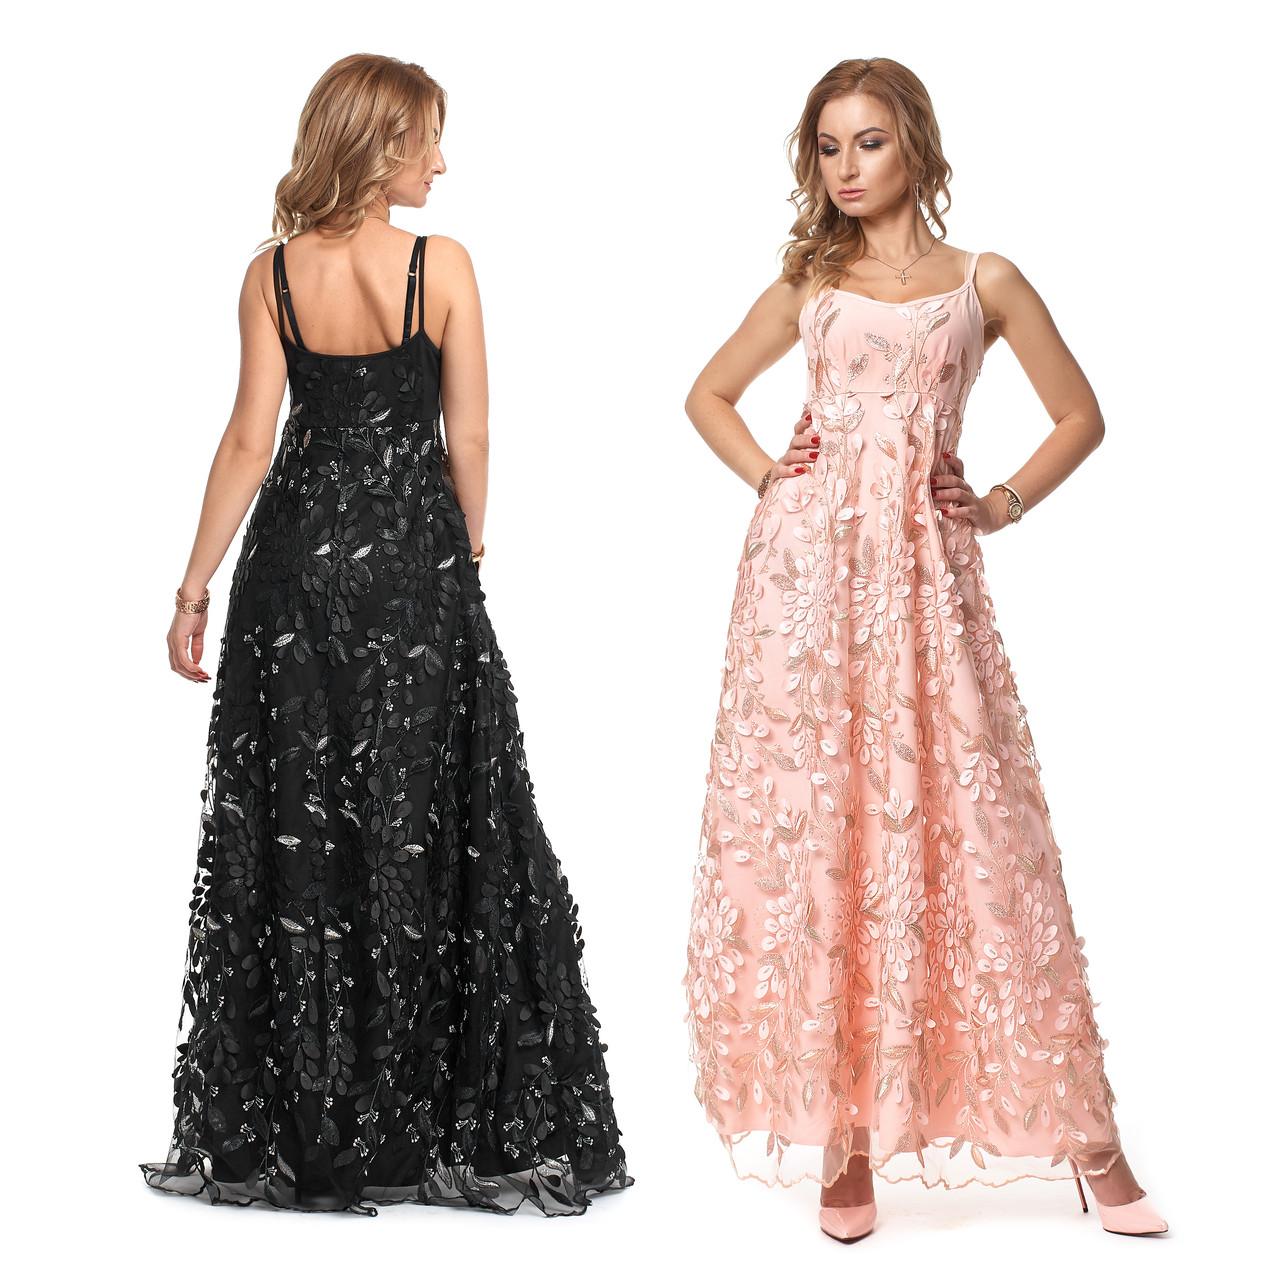 a932bde371a Купить Длинное вечернее платье из гипюра с расклешенной юбкой по ...